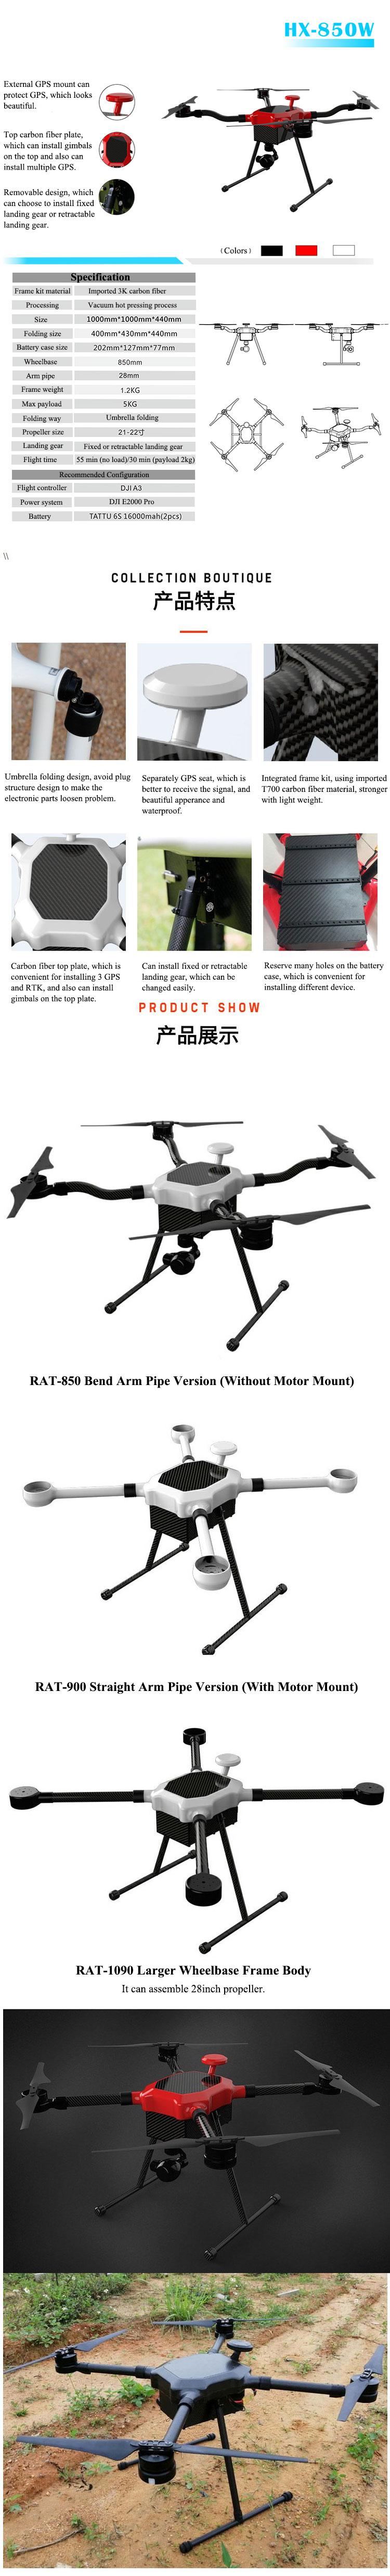 quadcopter drone,uav frame,industrial drone,uav survey,drone survey,fpv for drone,tracker for drone,pito cover,fpv drone,drones,drones thermal,